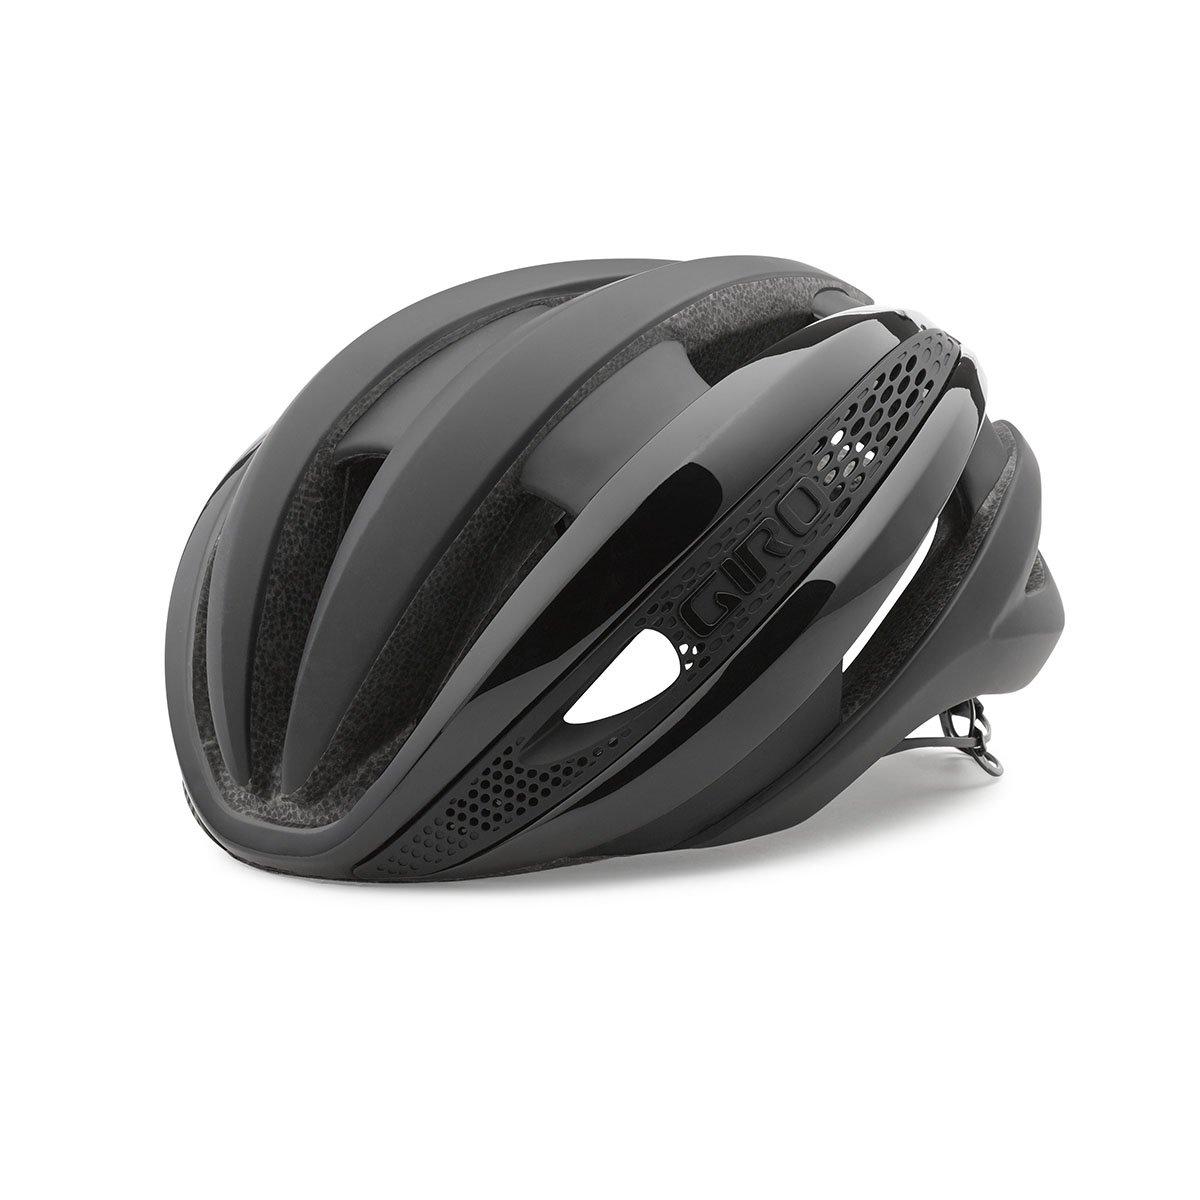 Giro Synthe Bike Helmet - Matte Black Small by Giro   B00MX3SRWA